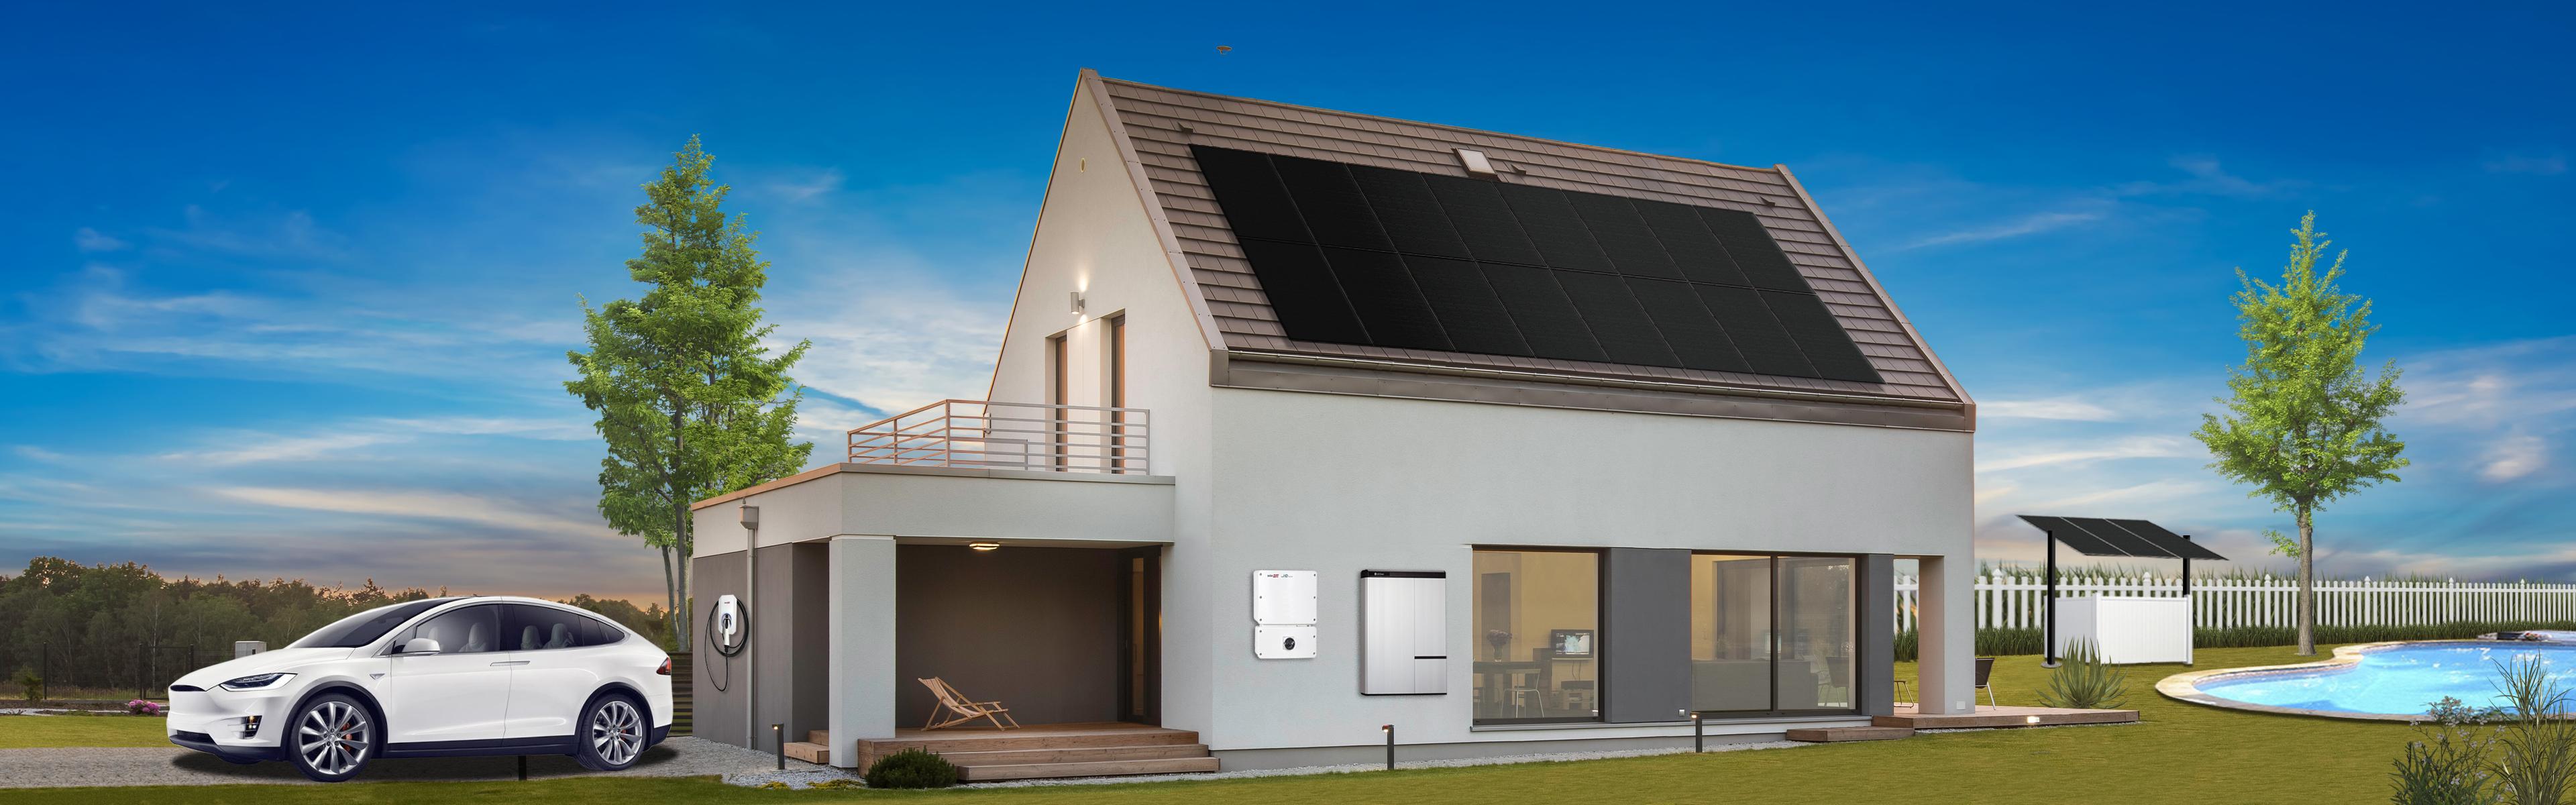 solar-contractor-orange-county-5